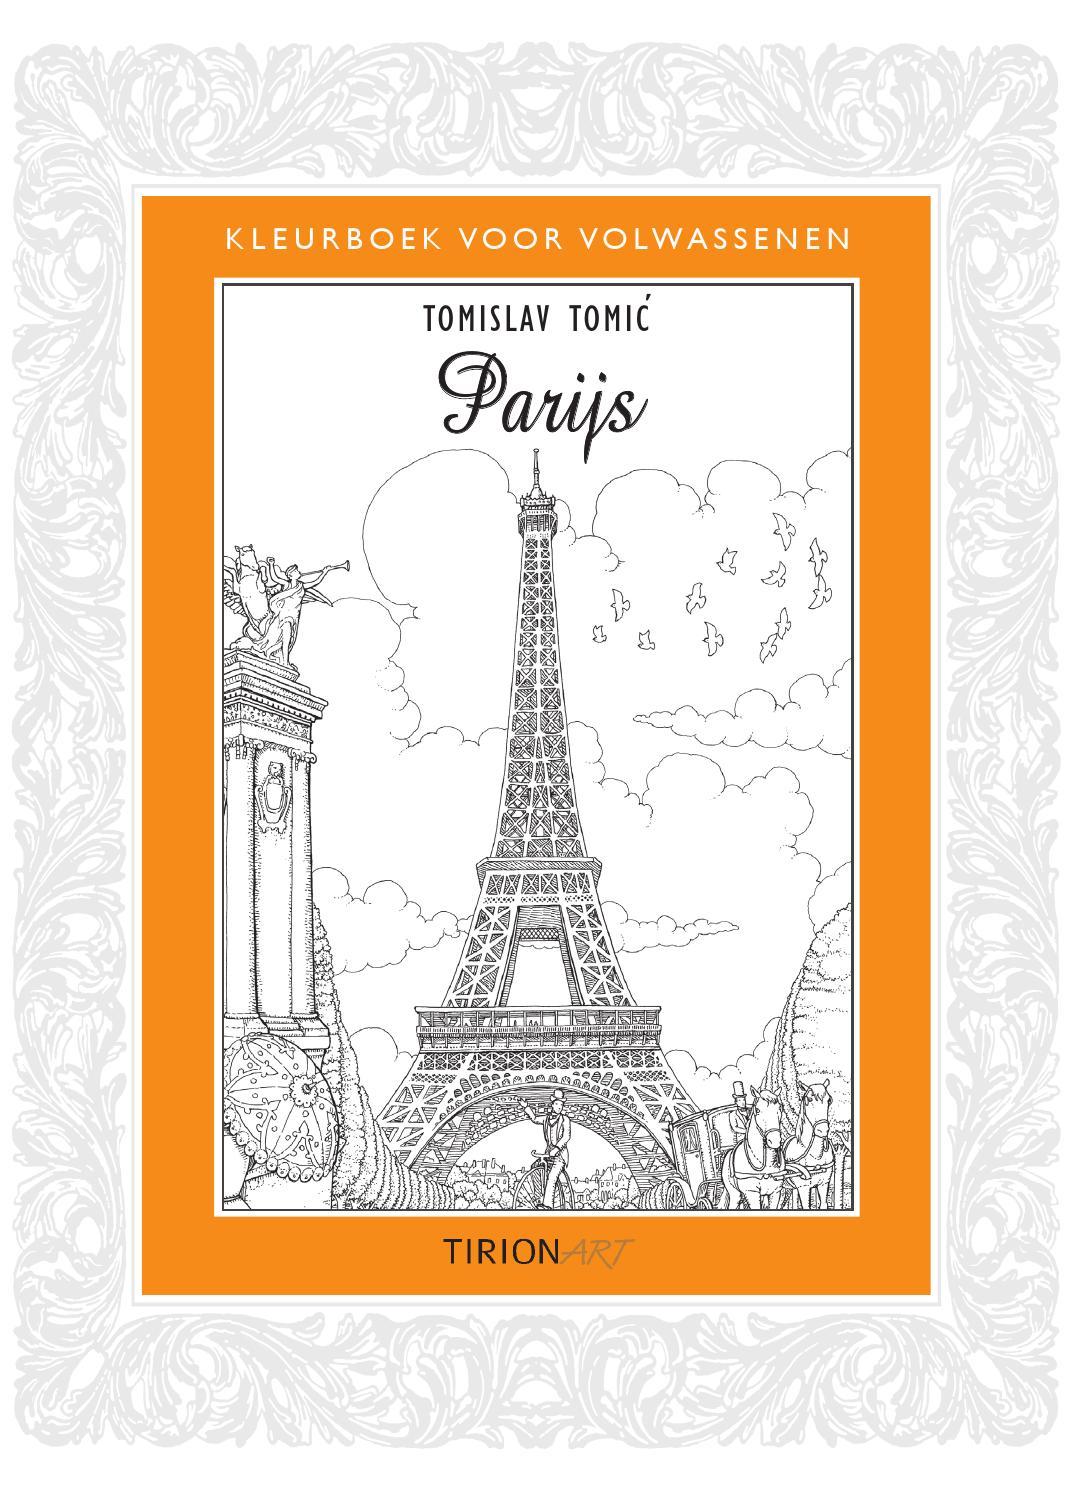 inkijkexemplaar kleurboek voor volwassenen parijs by